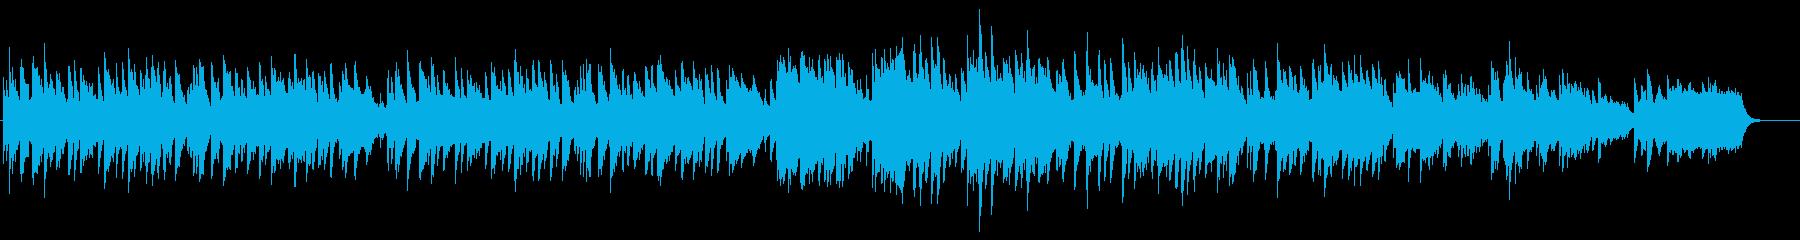 ブライダル風ピアノバラードBGMの再生済みの波形